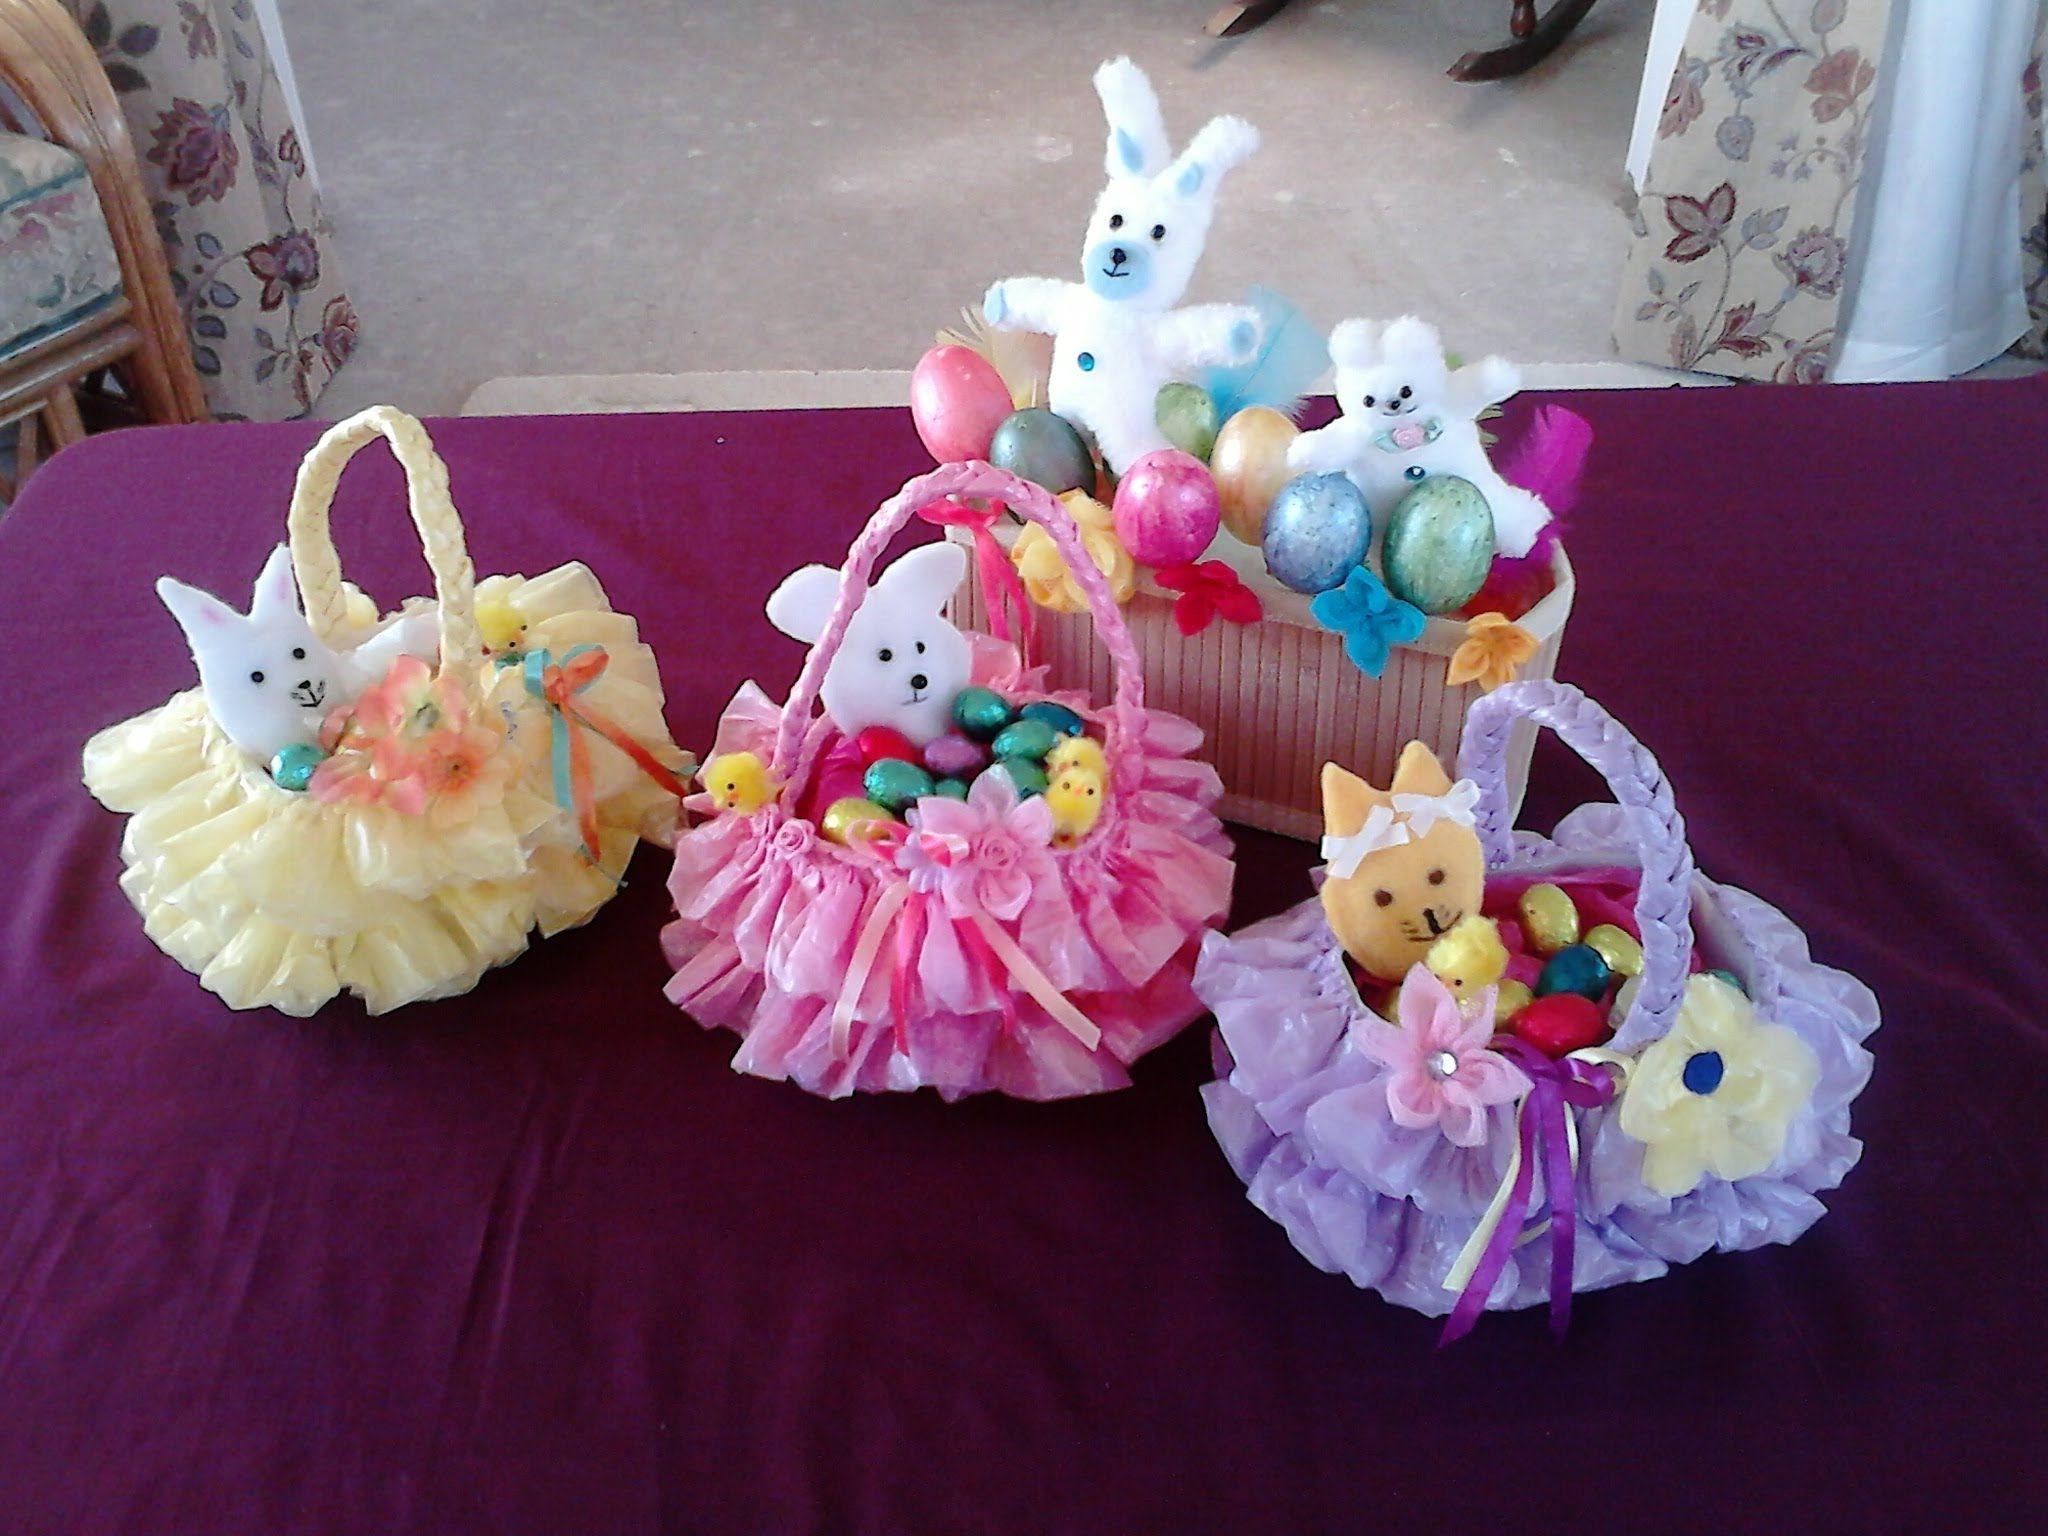 Cesta de Pascua hecho a mano de la bolsa de plástico reciclado y la botella wonderfuldiy1 maravilloso bricolaje cesta Hermosa Pascua de reciclado bolsa de plástico y botellas